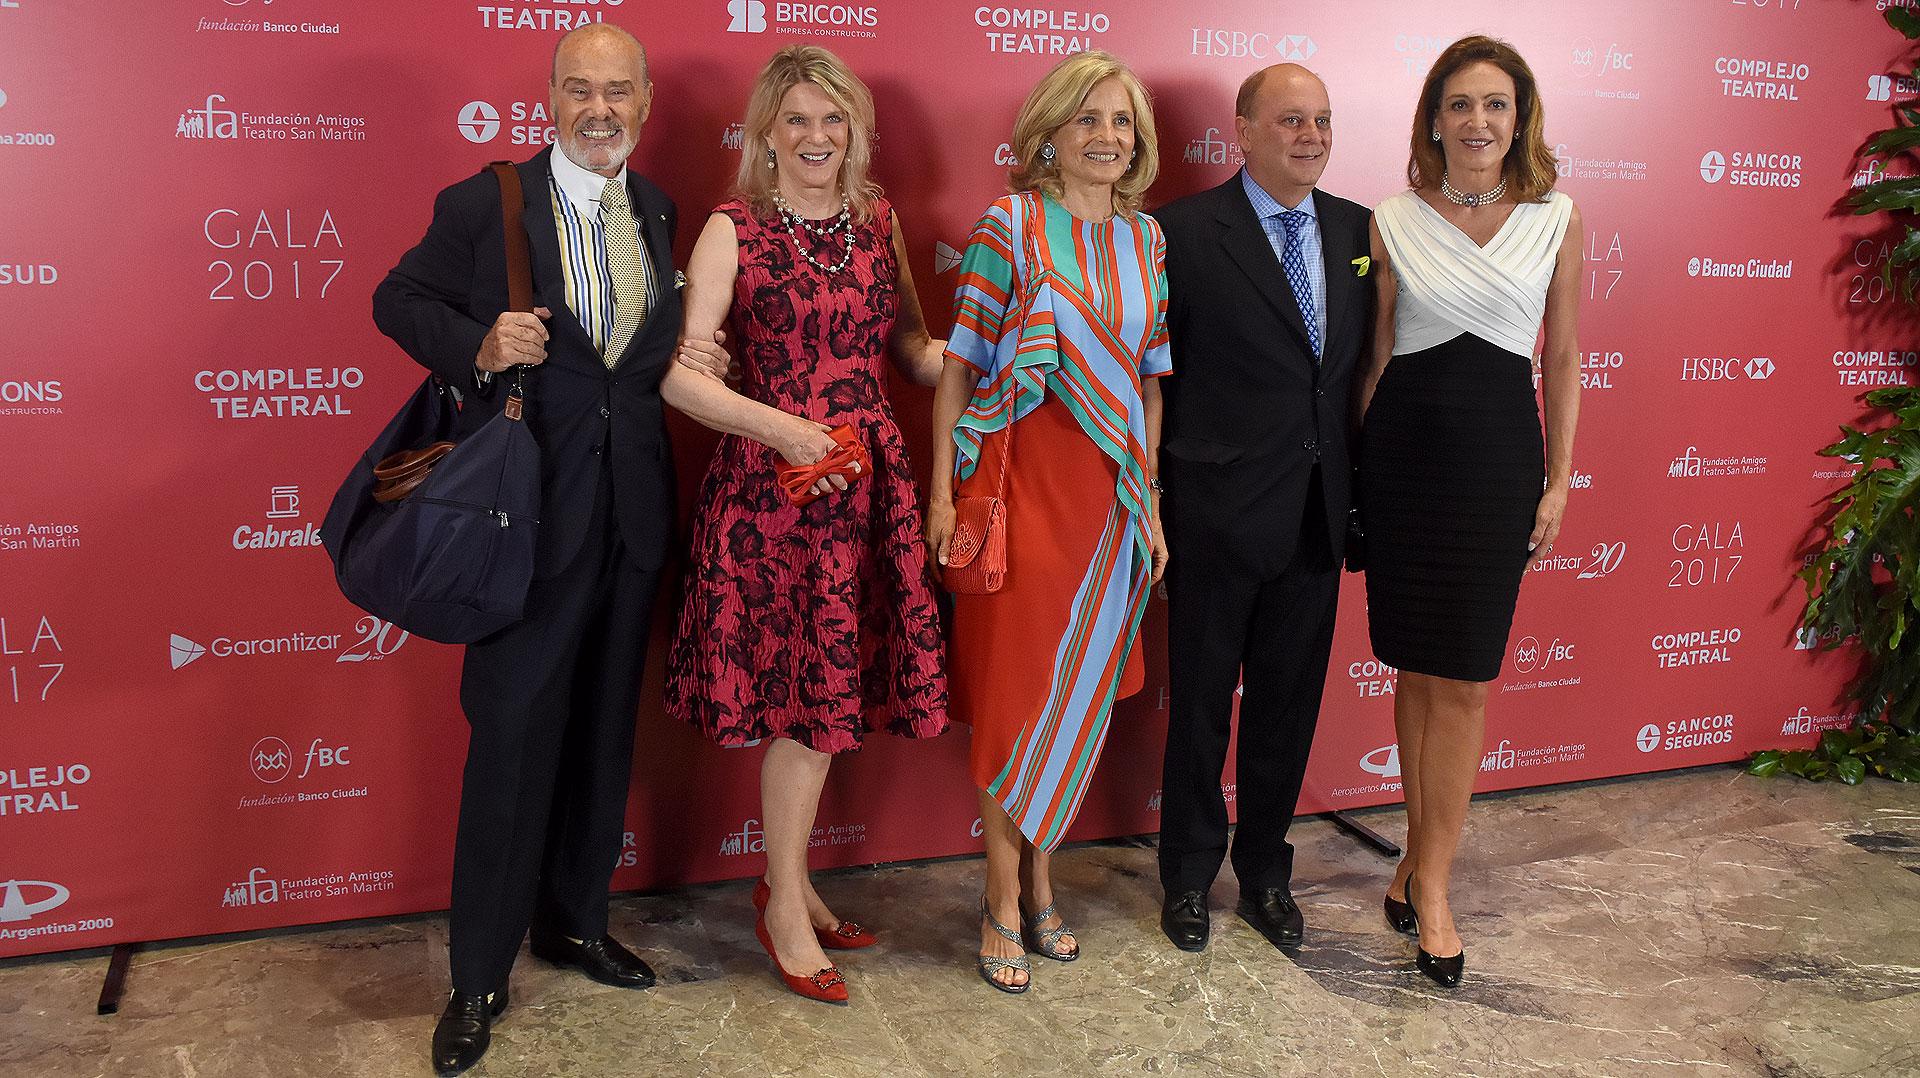 Gino Bogani, Eva Soldati, Cecilia Zuberbuhler, Martín Cabrales y Mariel Llorens de Quintana